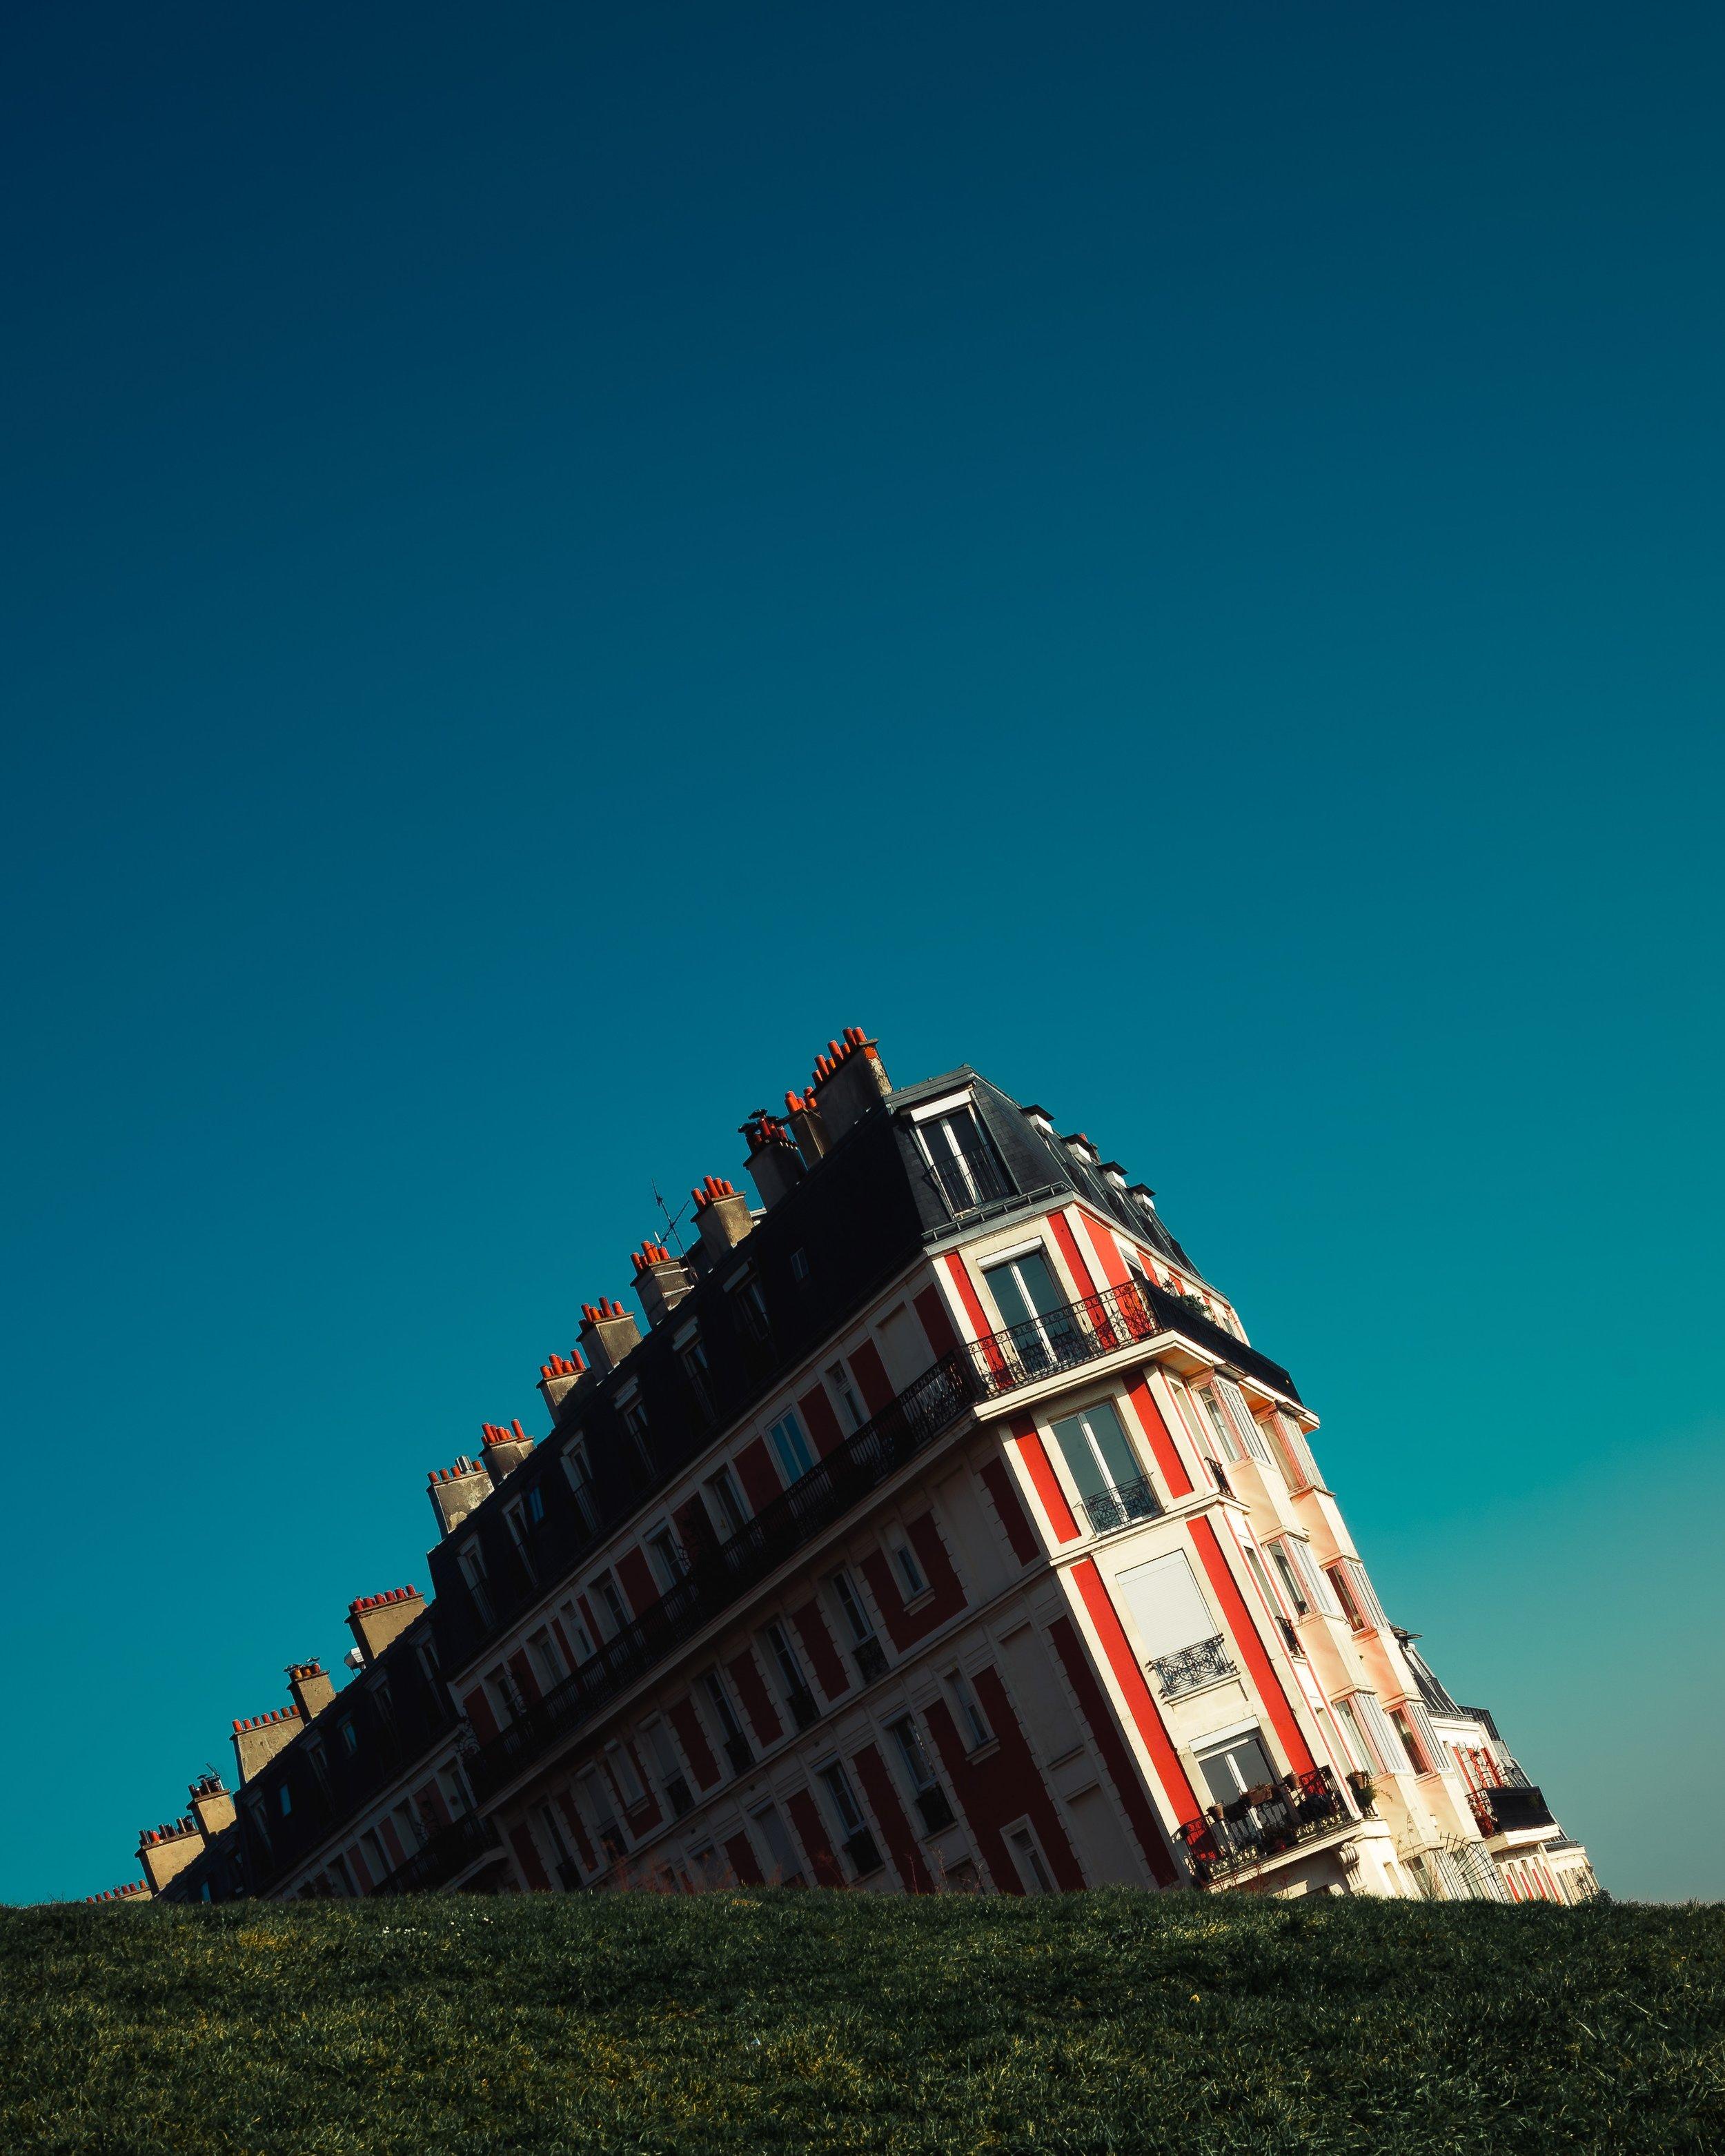 Photo by  Serge Kutuzov on  Unsplash